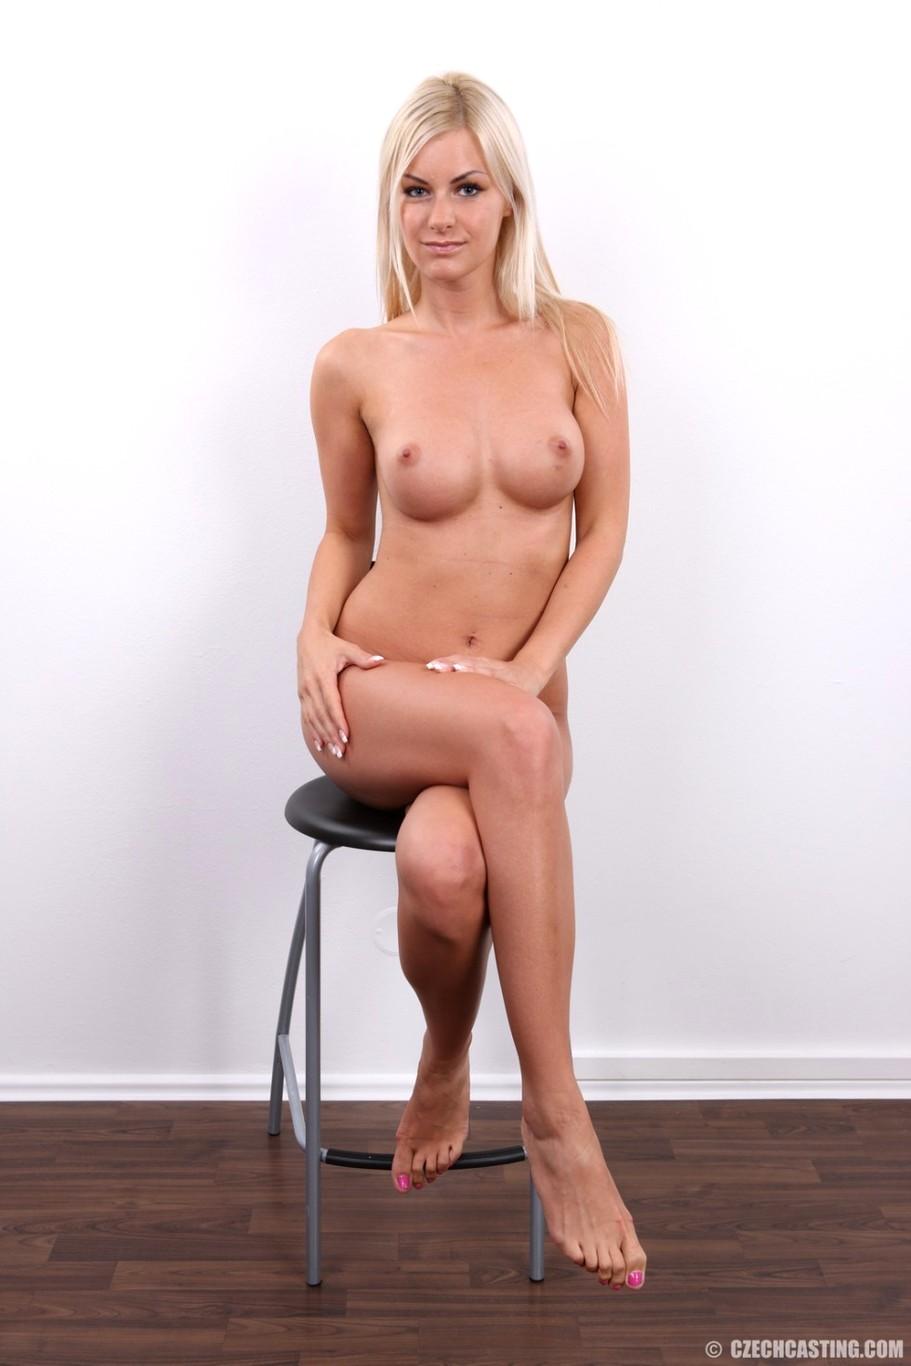 Czech pornactress